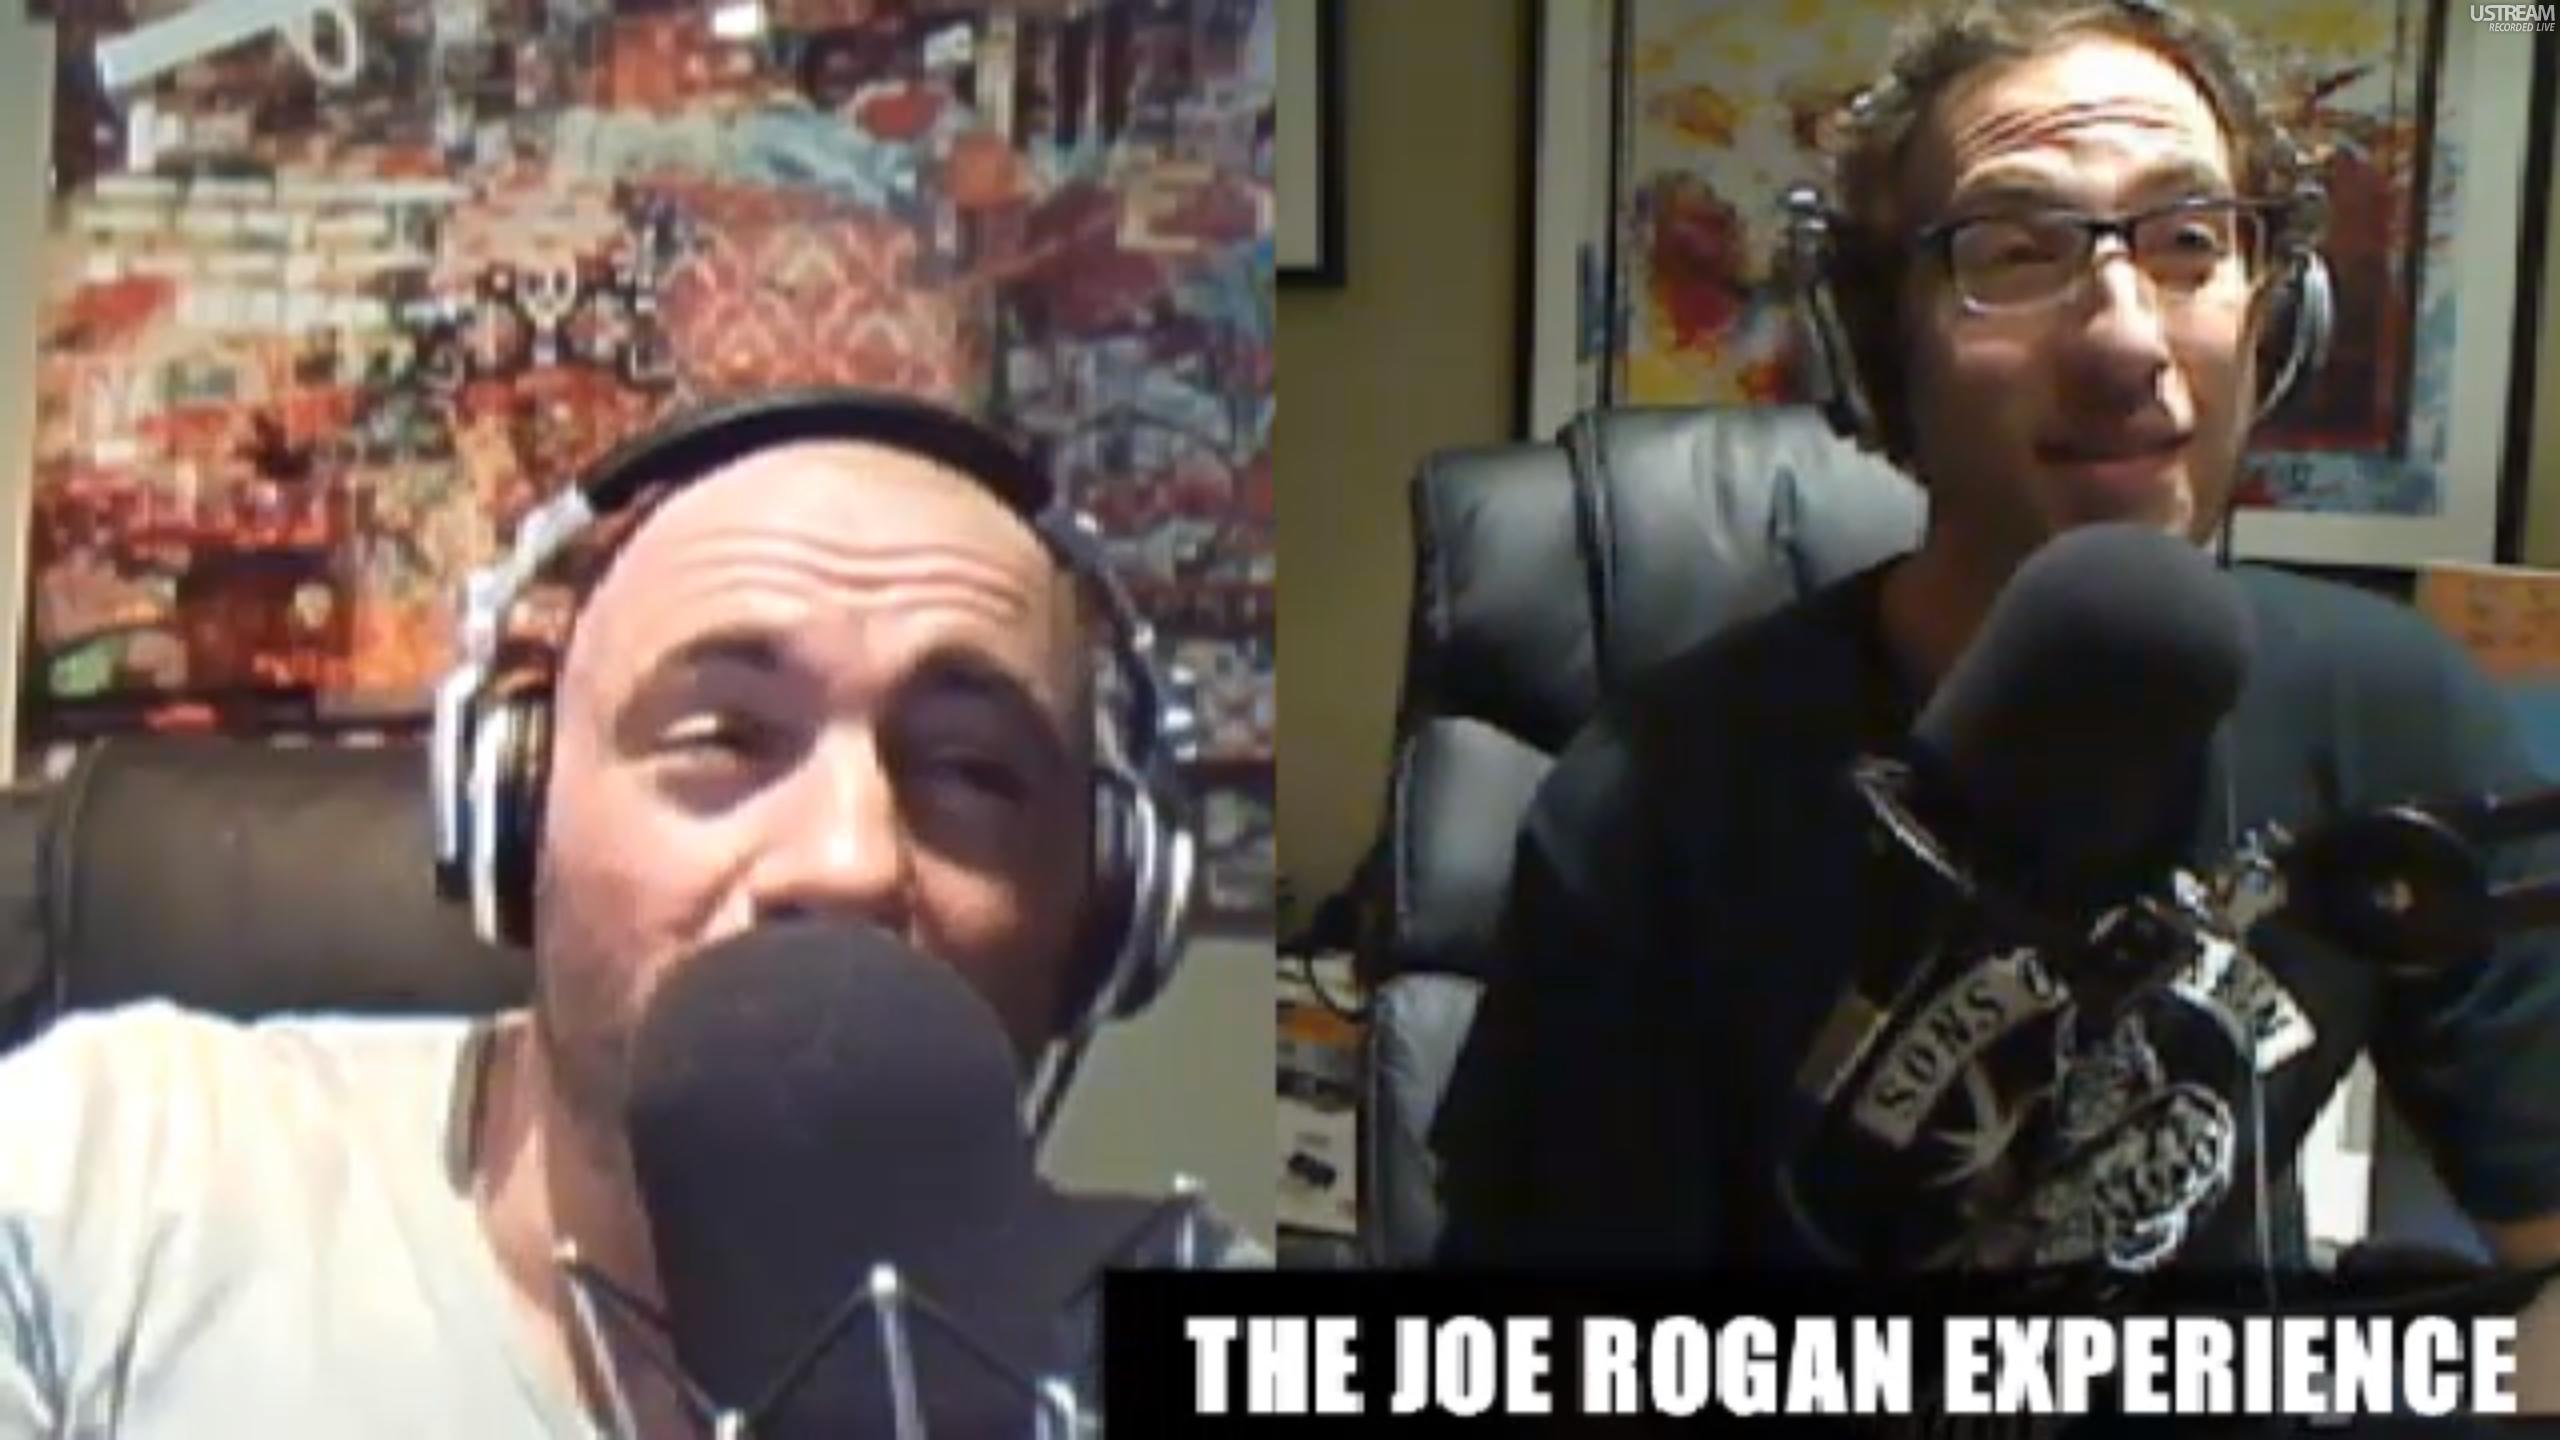 The Joe Rogan Experience #261 - Ari Shaffir